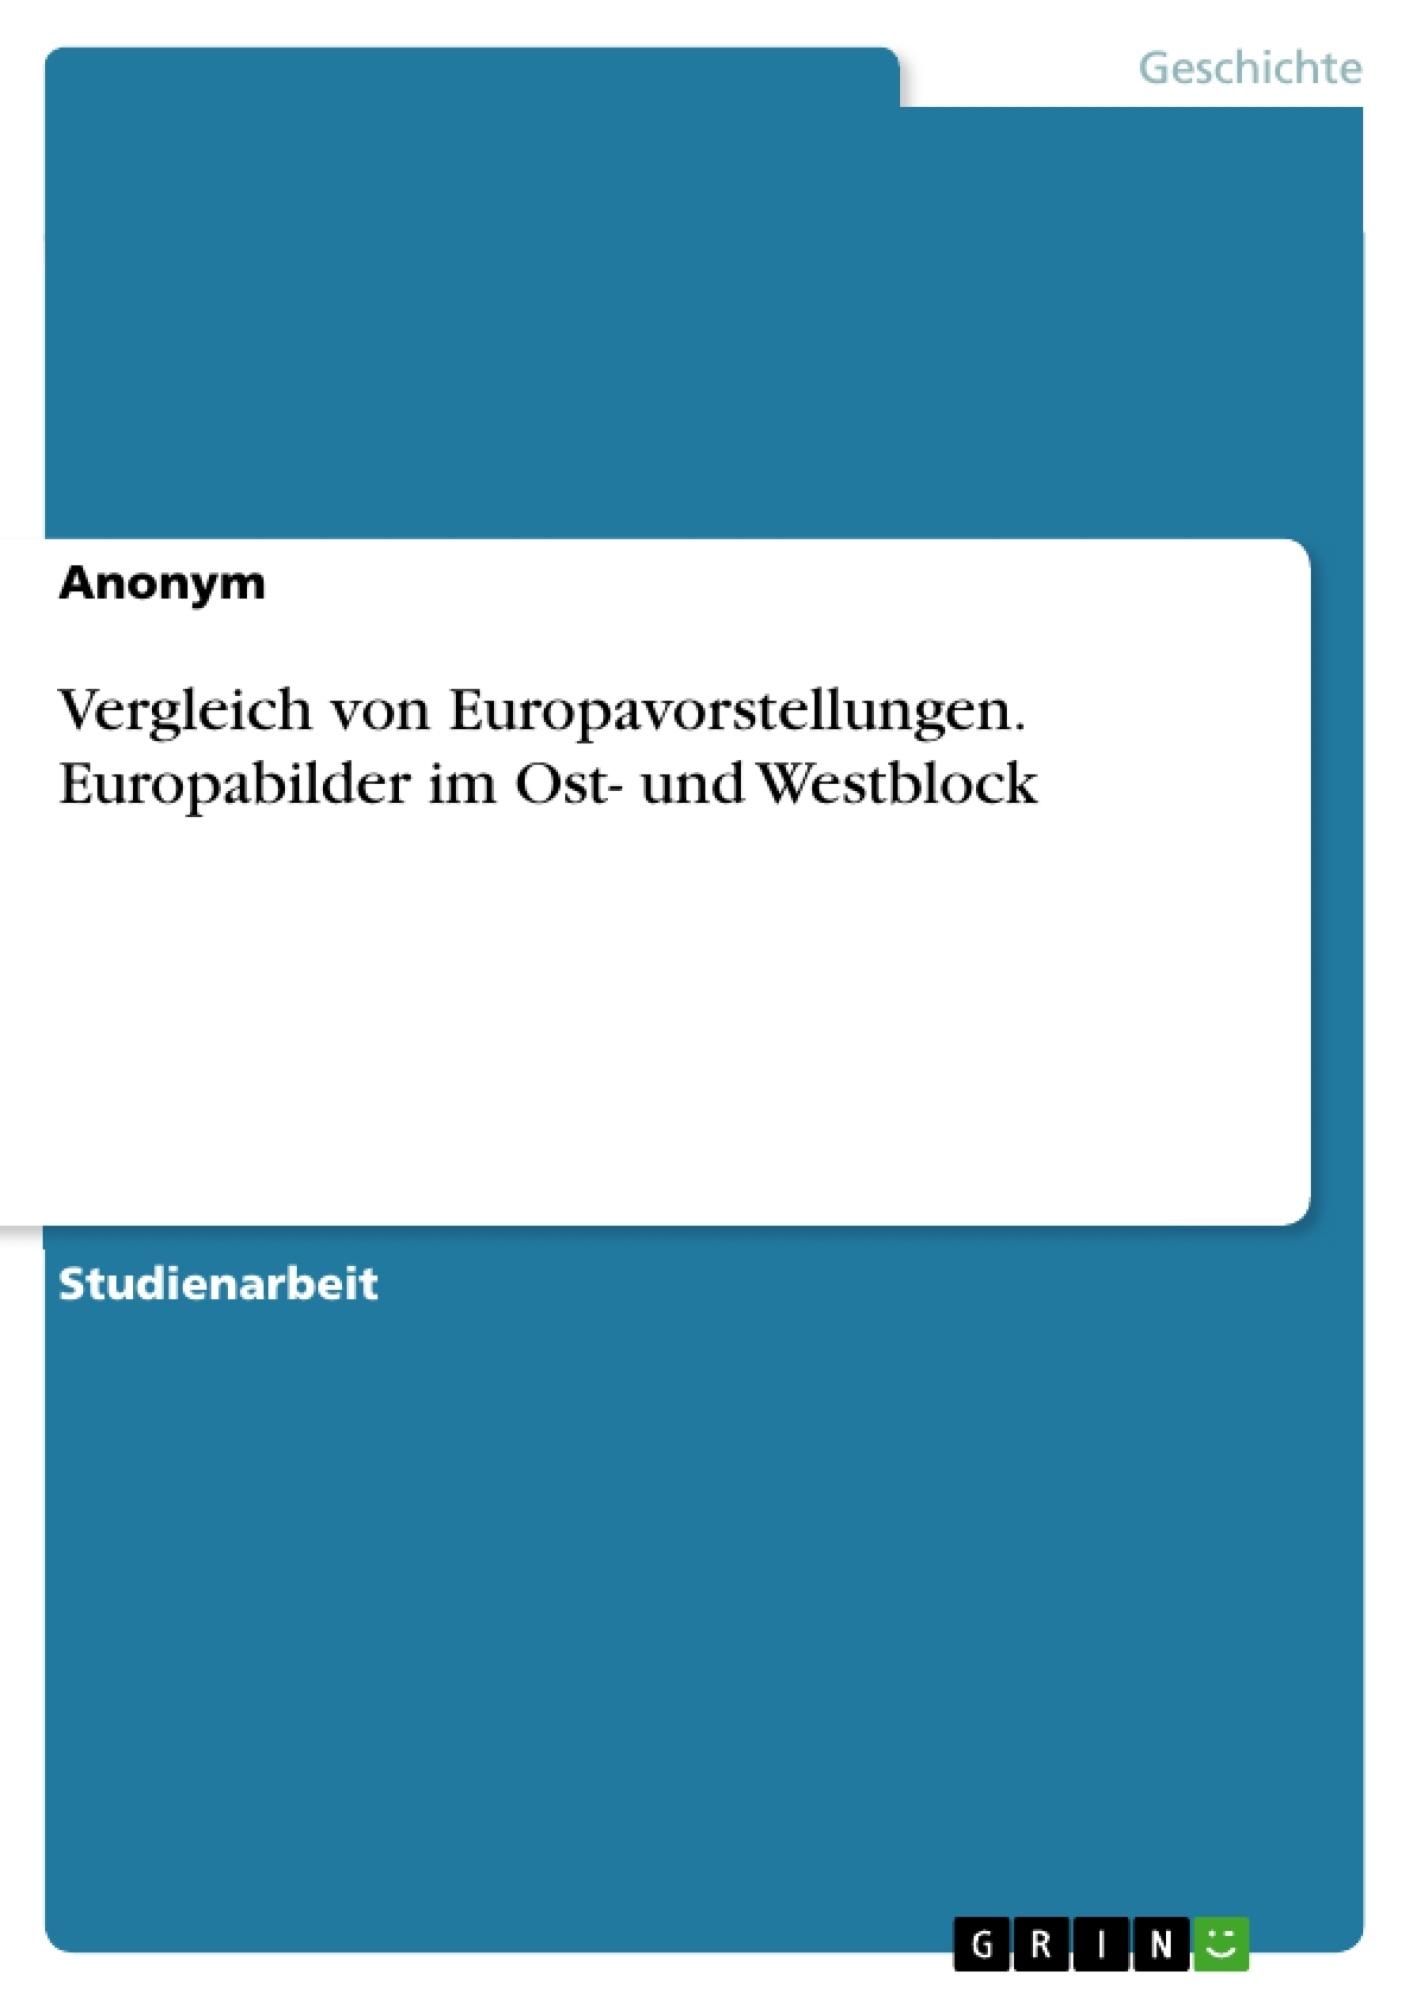 Titel: Vergleich von Europavorstellungen. Europabilder im Ost- und Westblock